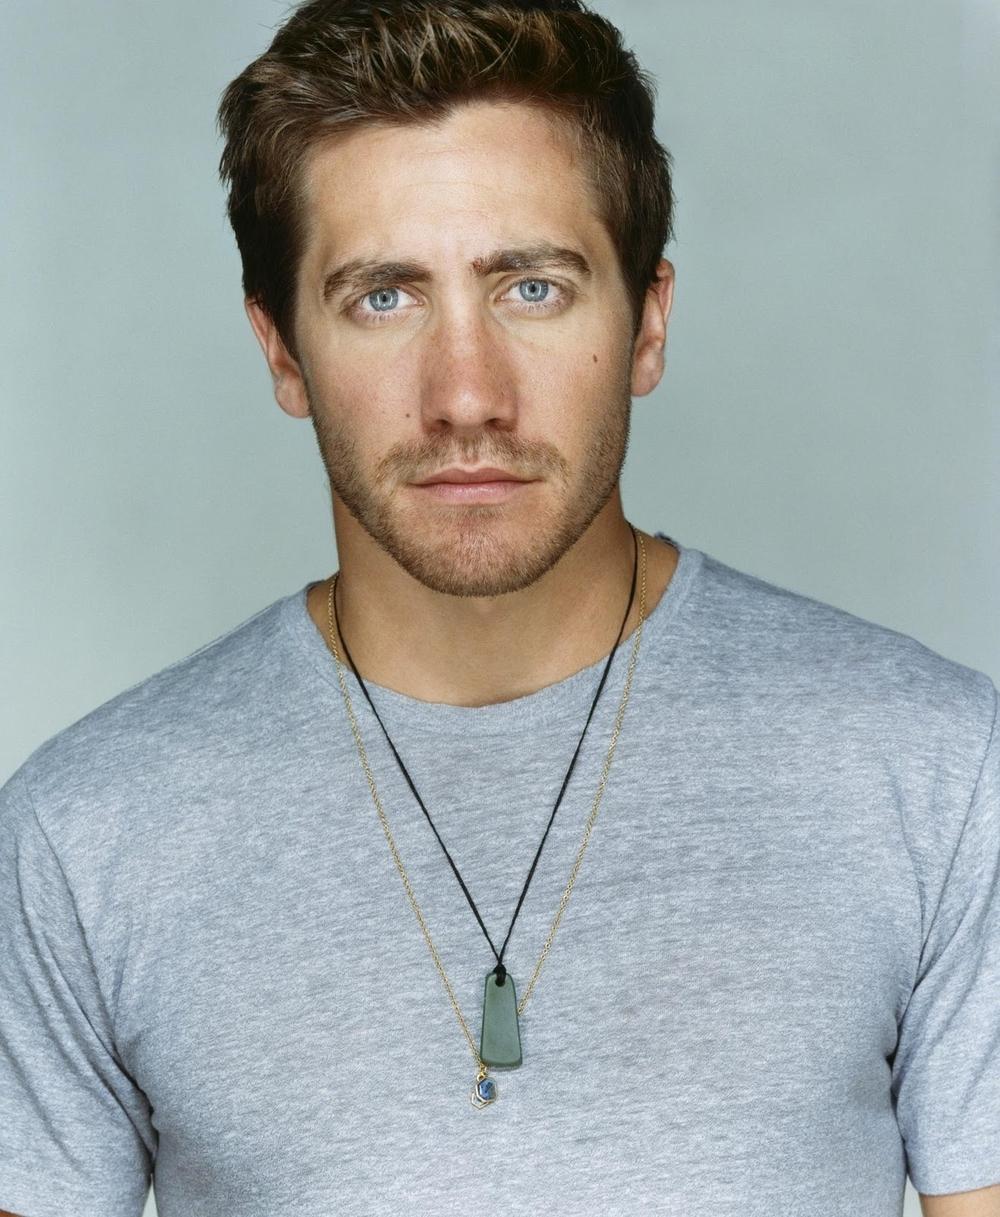 Jake Gyllenhaal 2.jpg